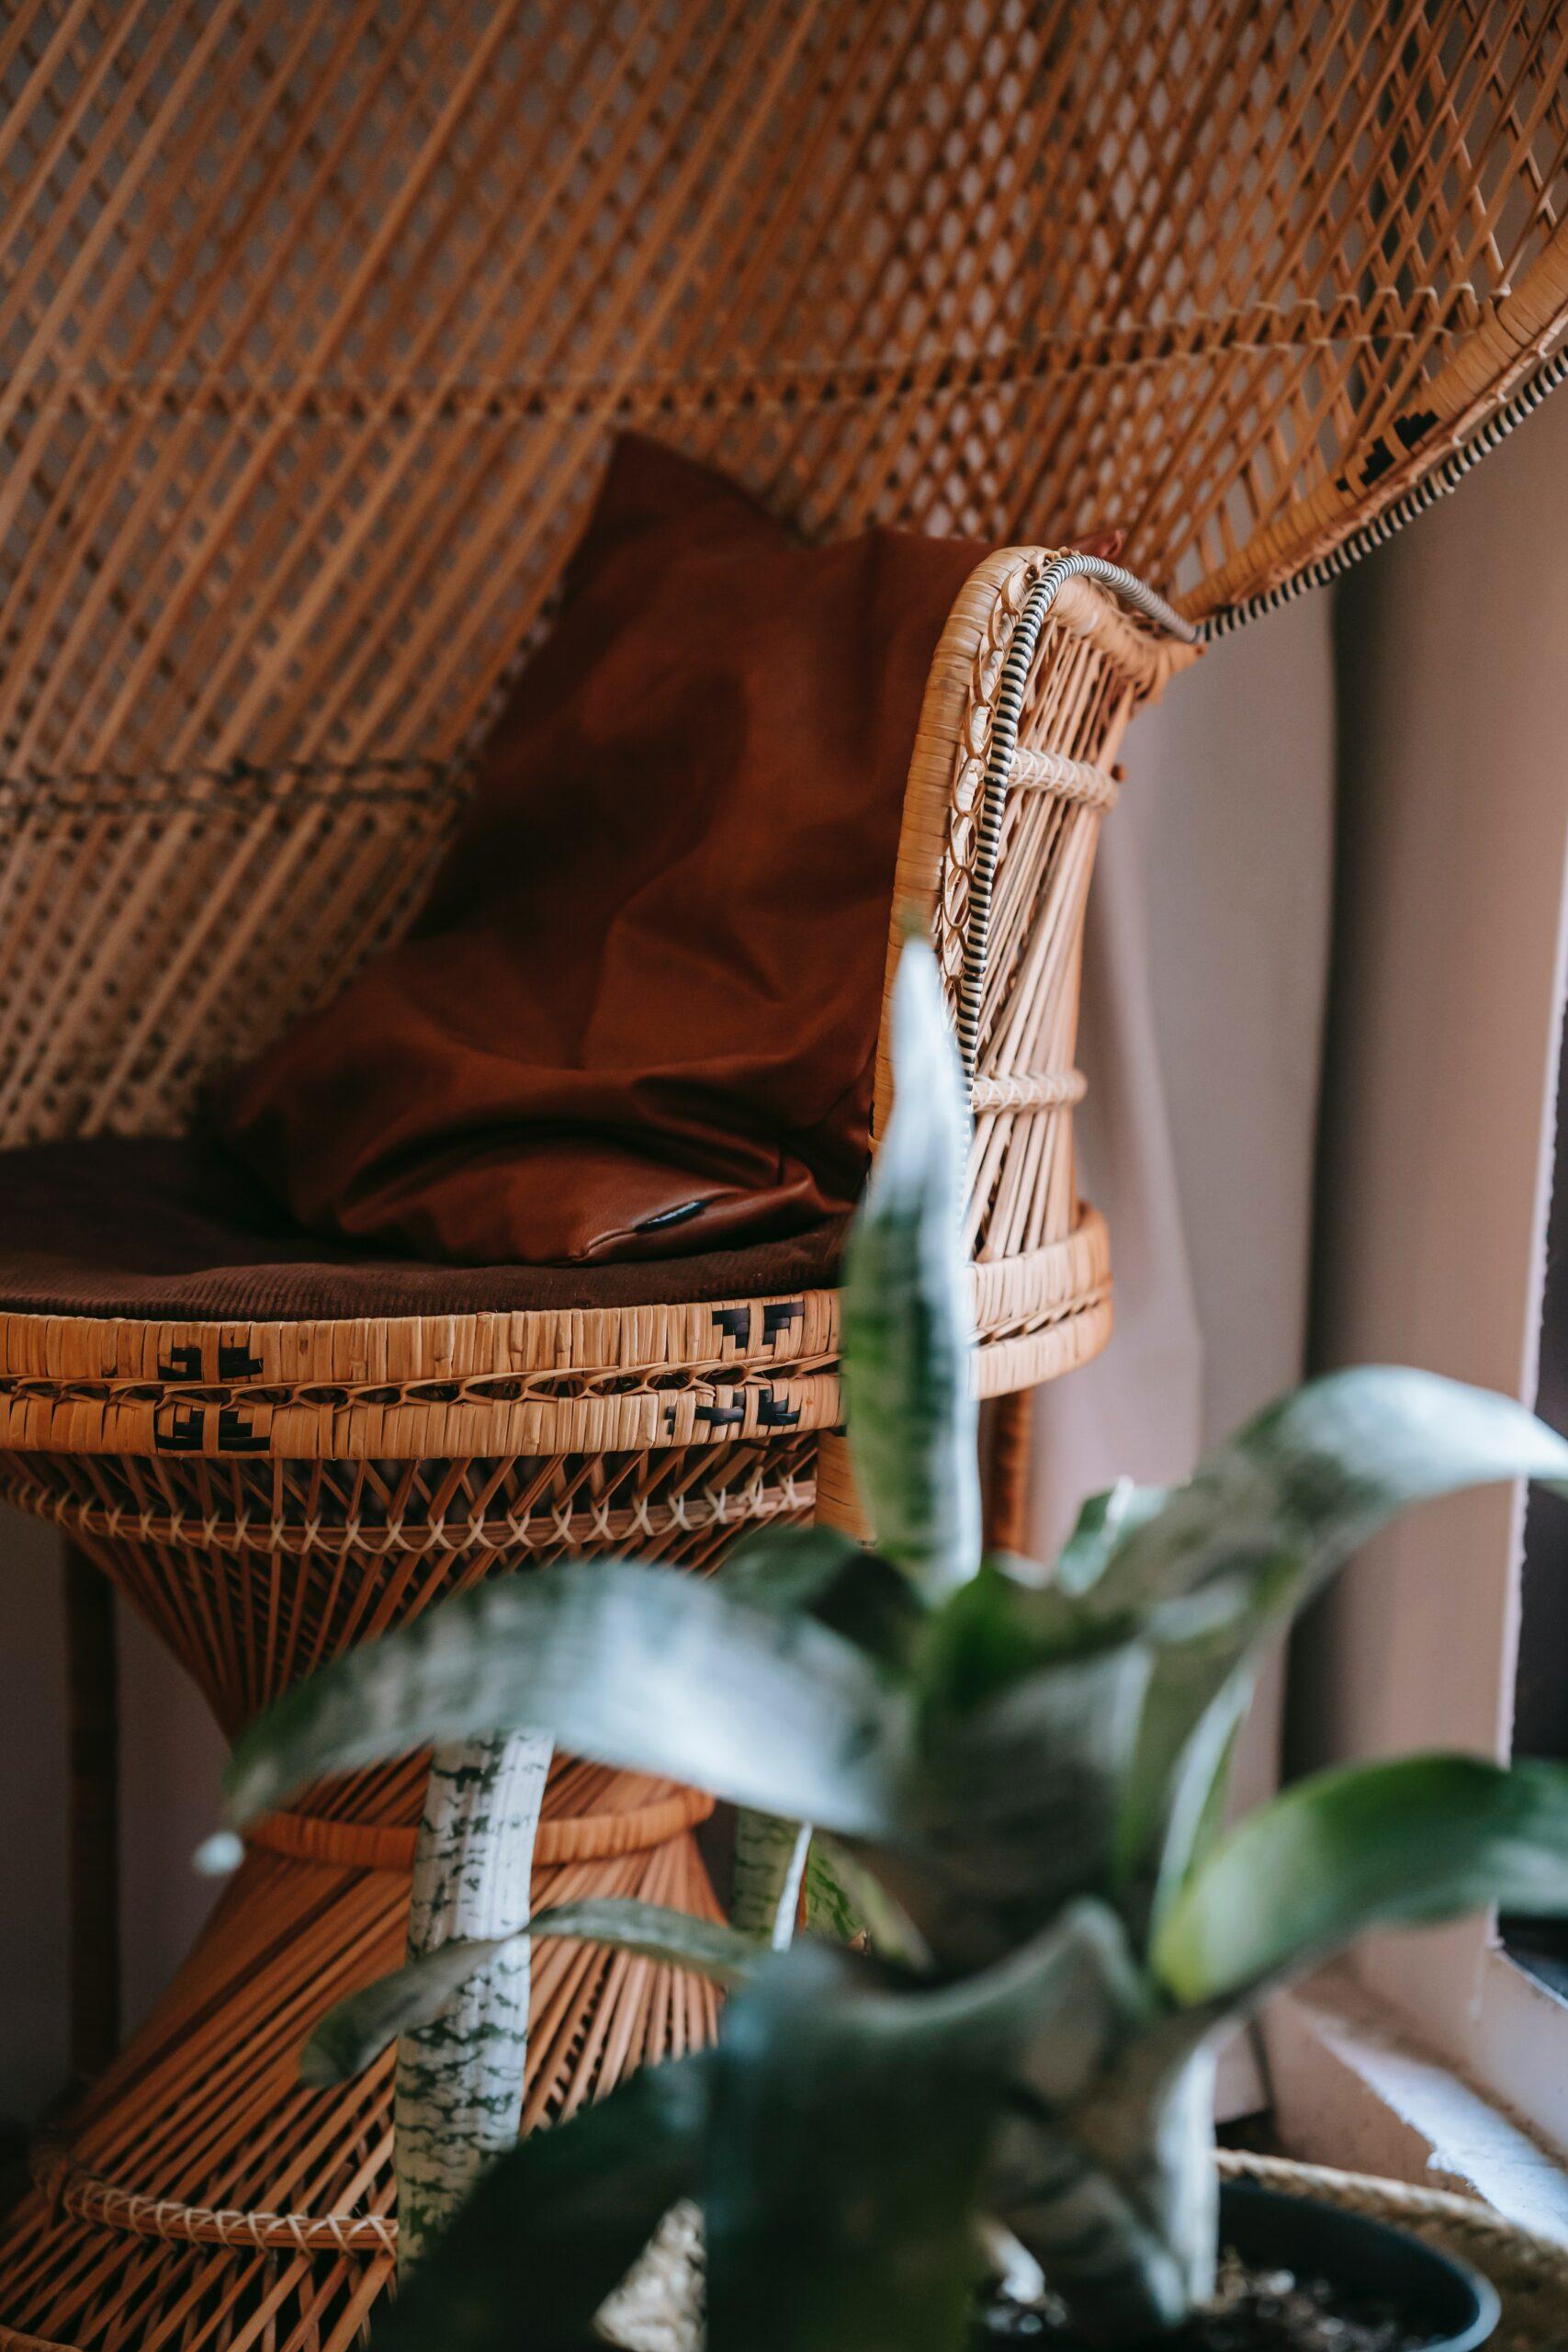 Vlechtmateriaal voor stoelen. Foto: pexels